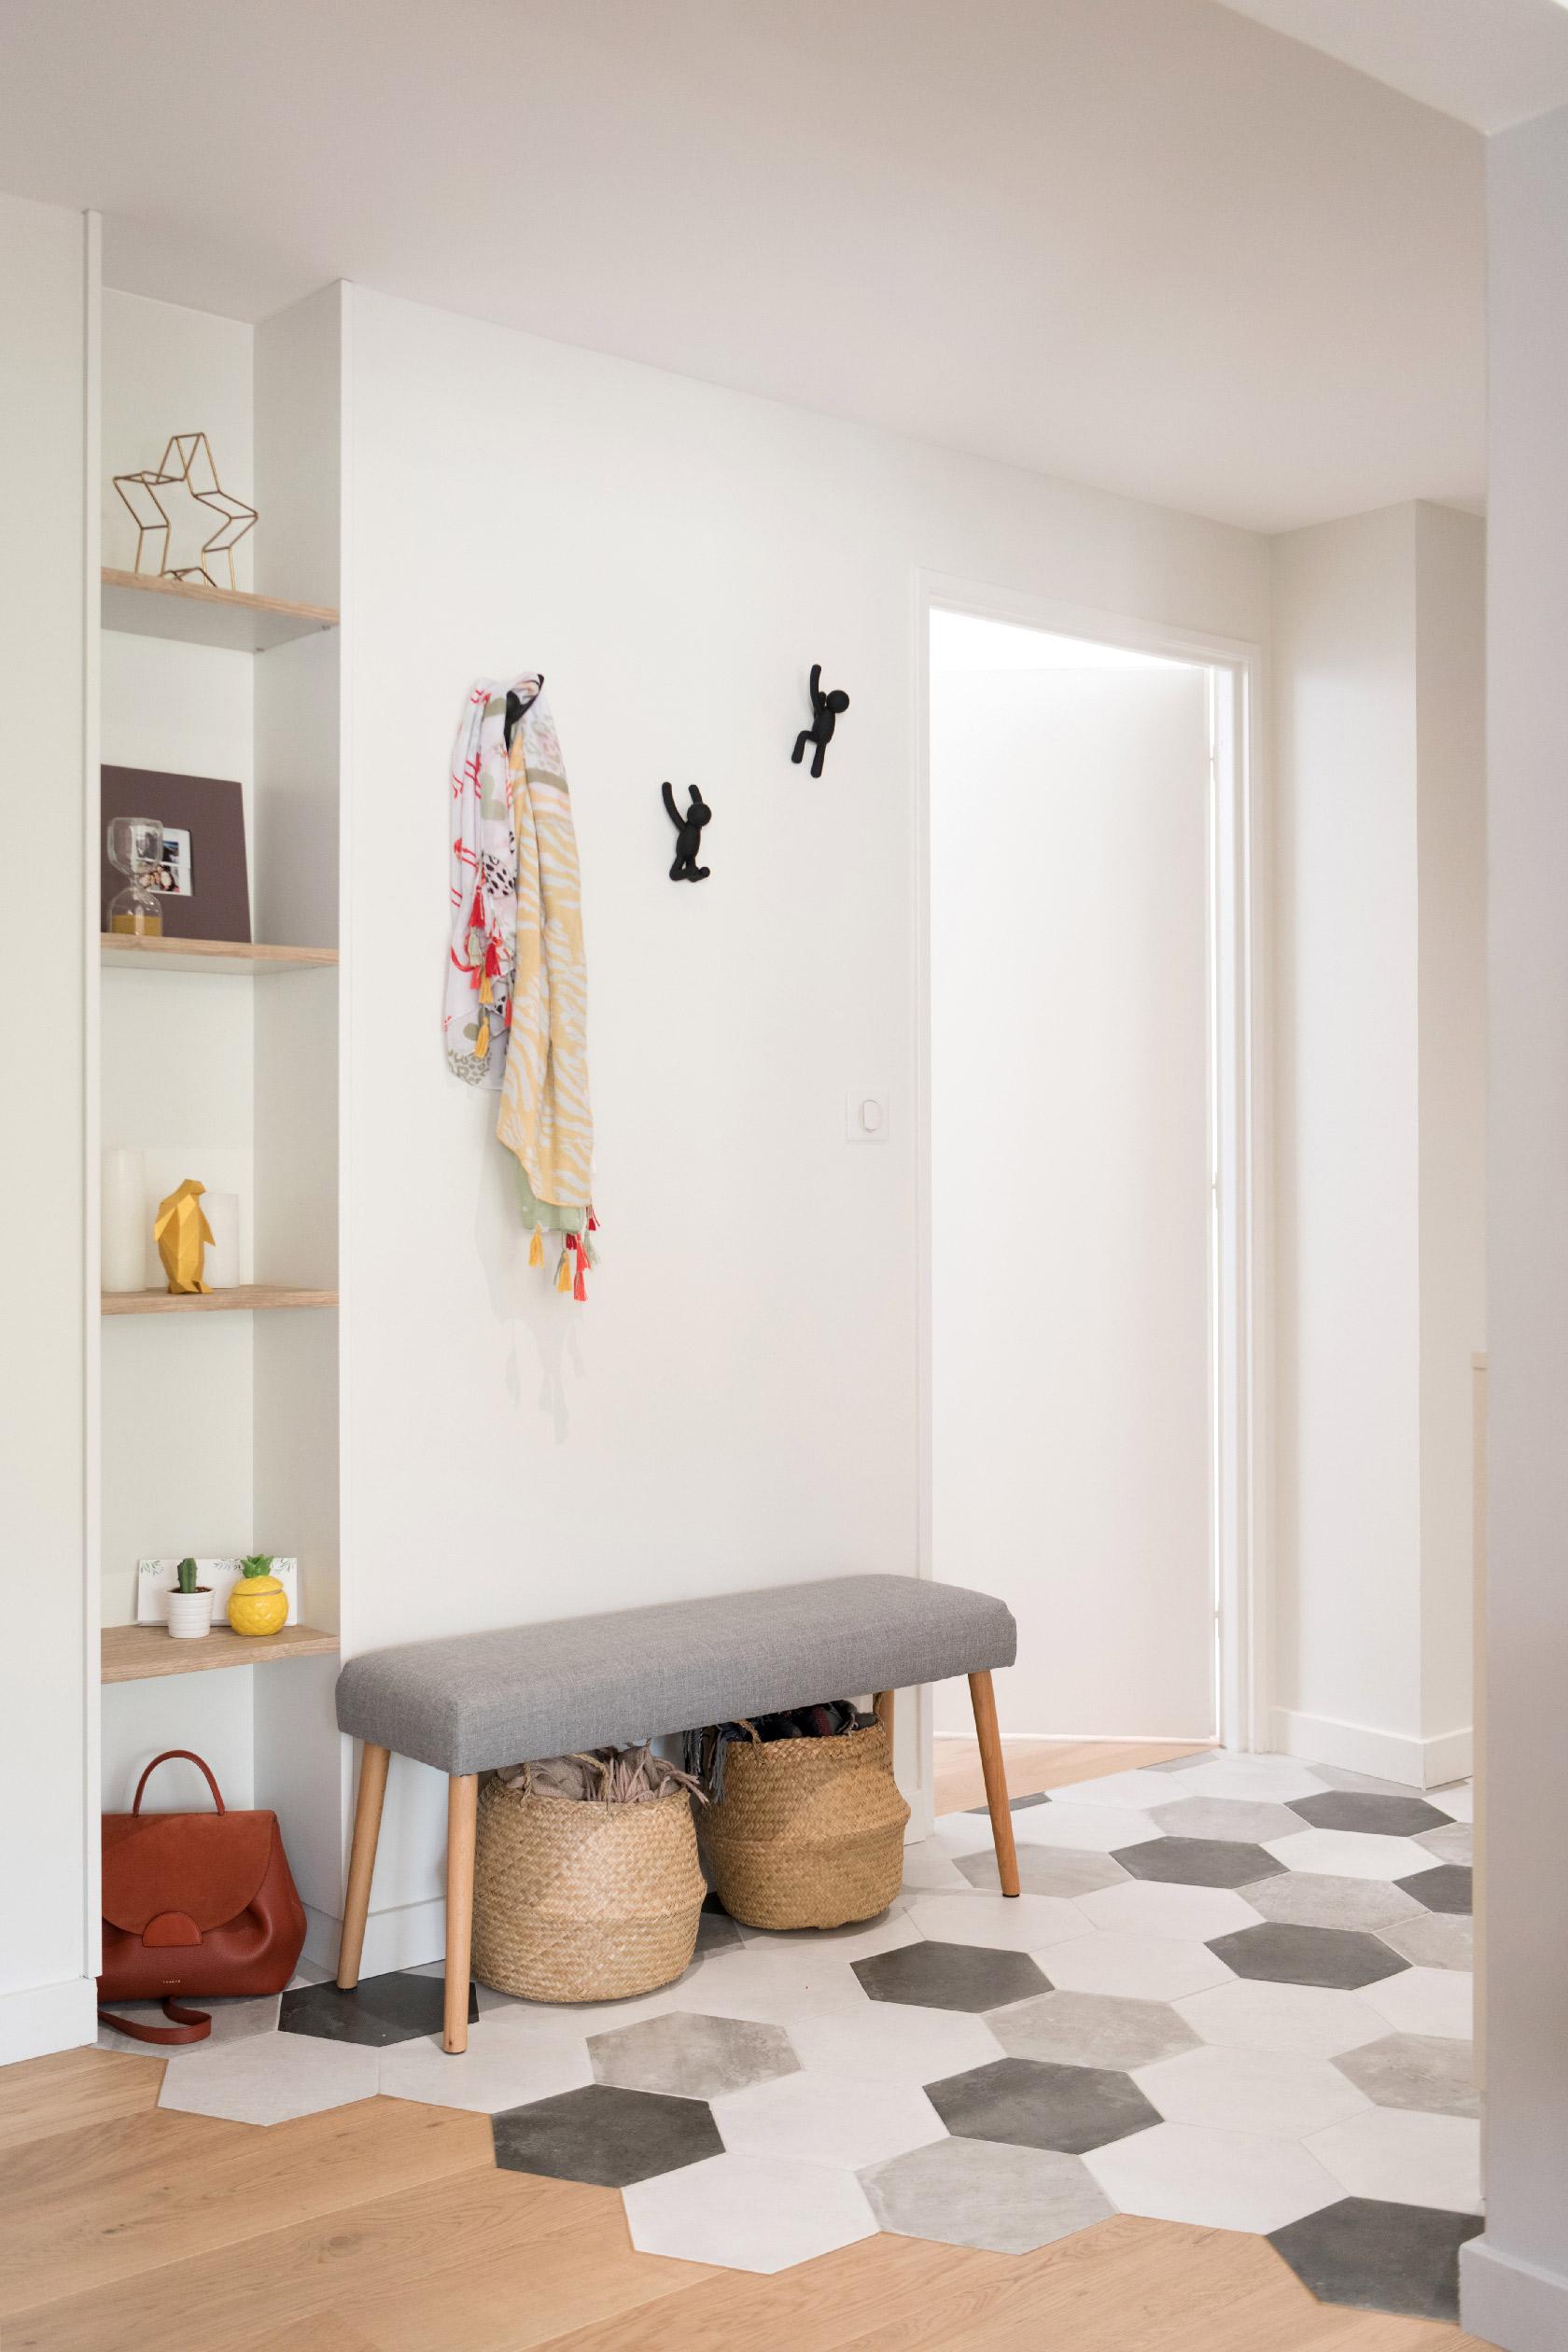 Un banc en bois avec un coussin d'assise, des panières et une étagère forment une belle entrée.